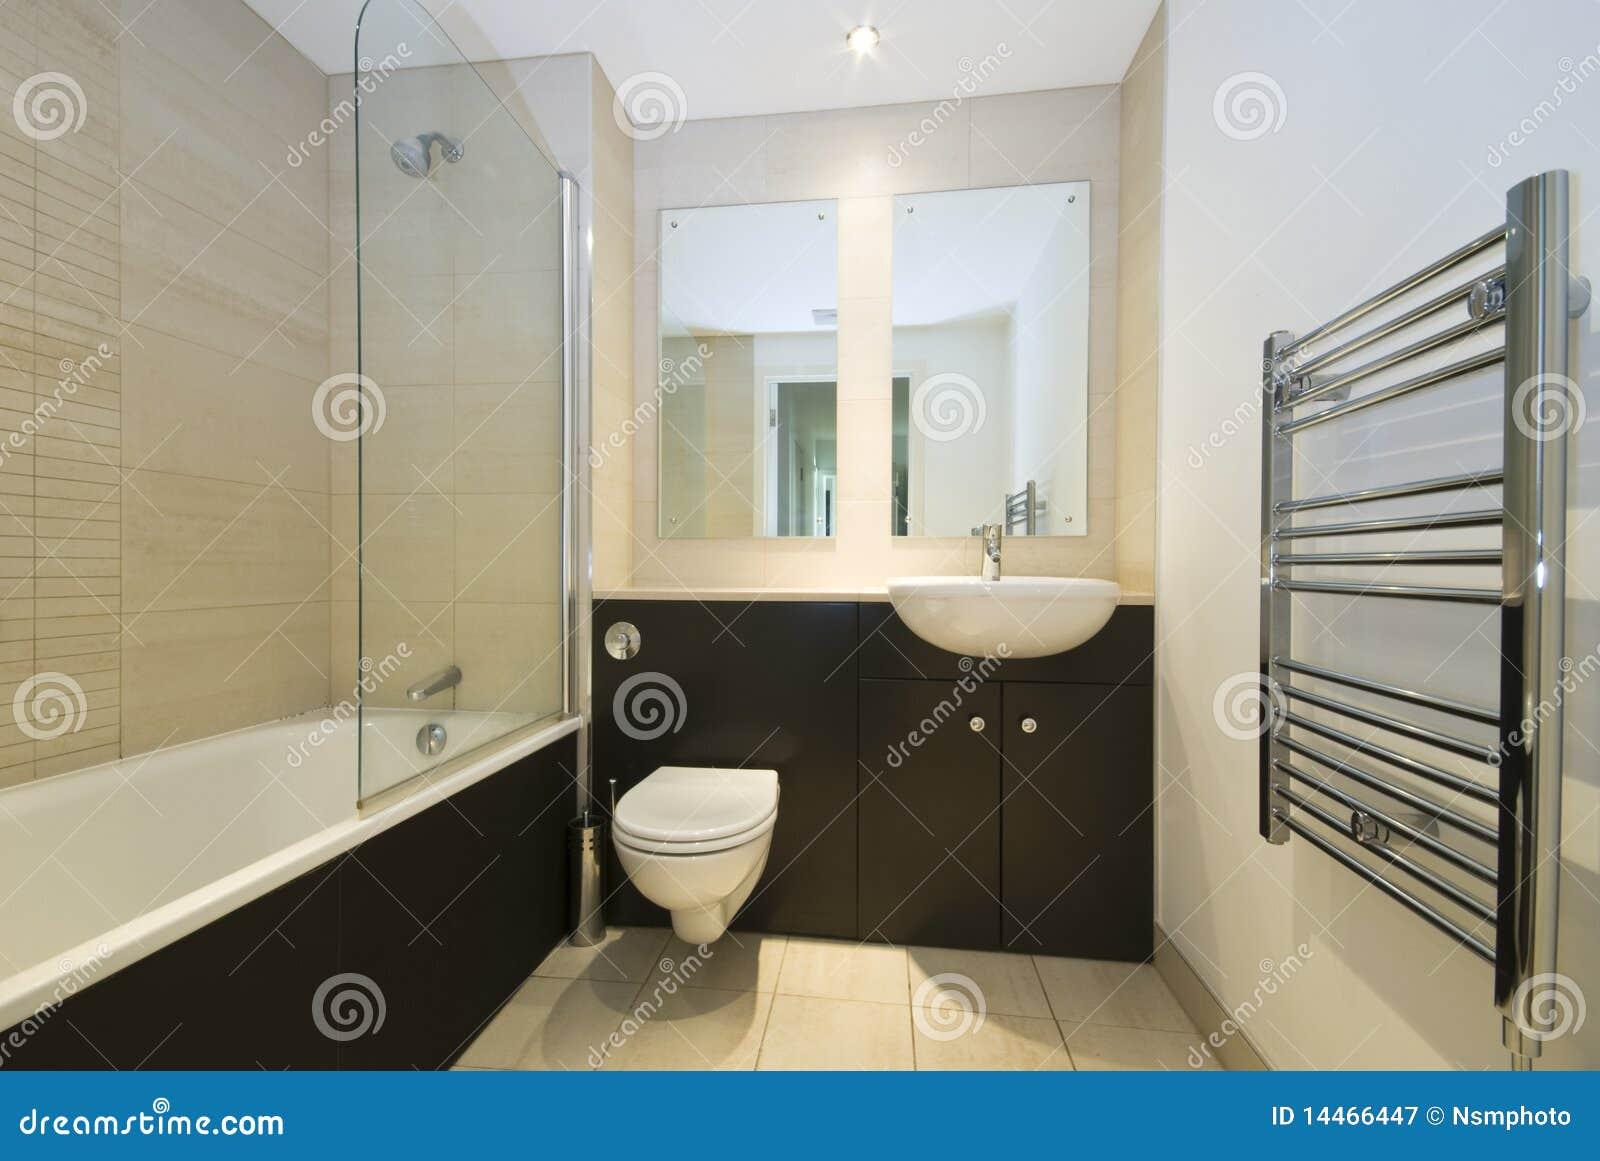 cuba de banho bacia de lavagem e toalete na cor bege e marrom #82A229 1300x960 Banheiro Com Pastilhas Marrom E Bege